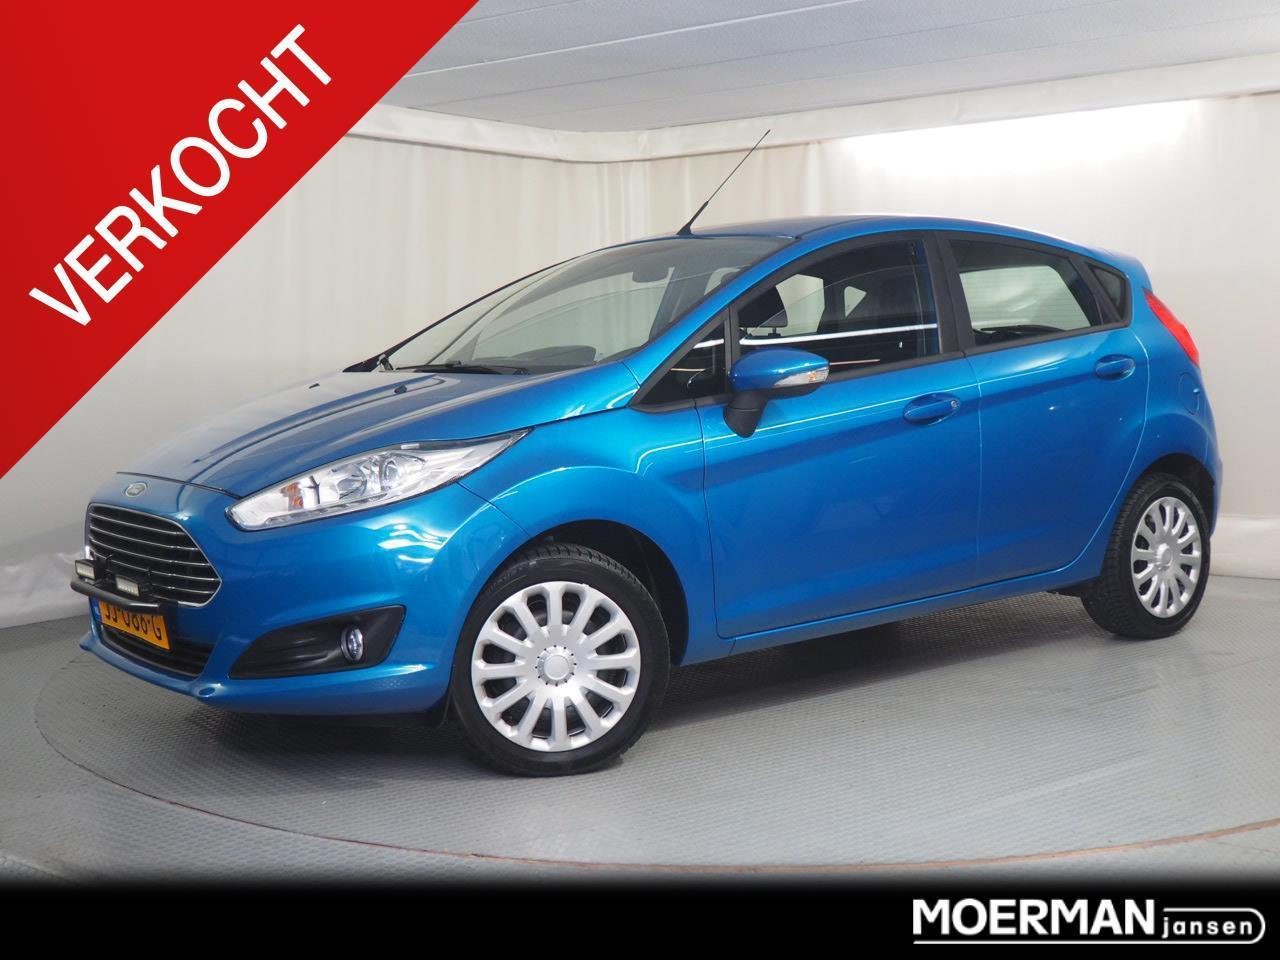 Ford Fiesta 1.0 style verkocht